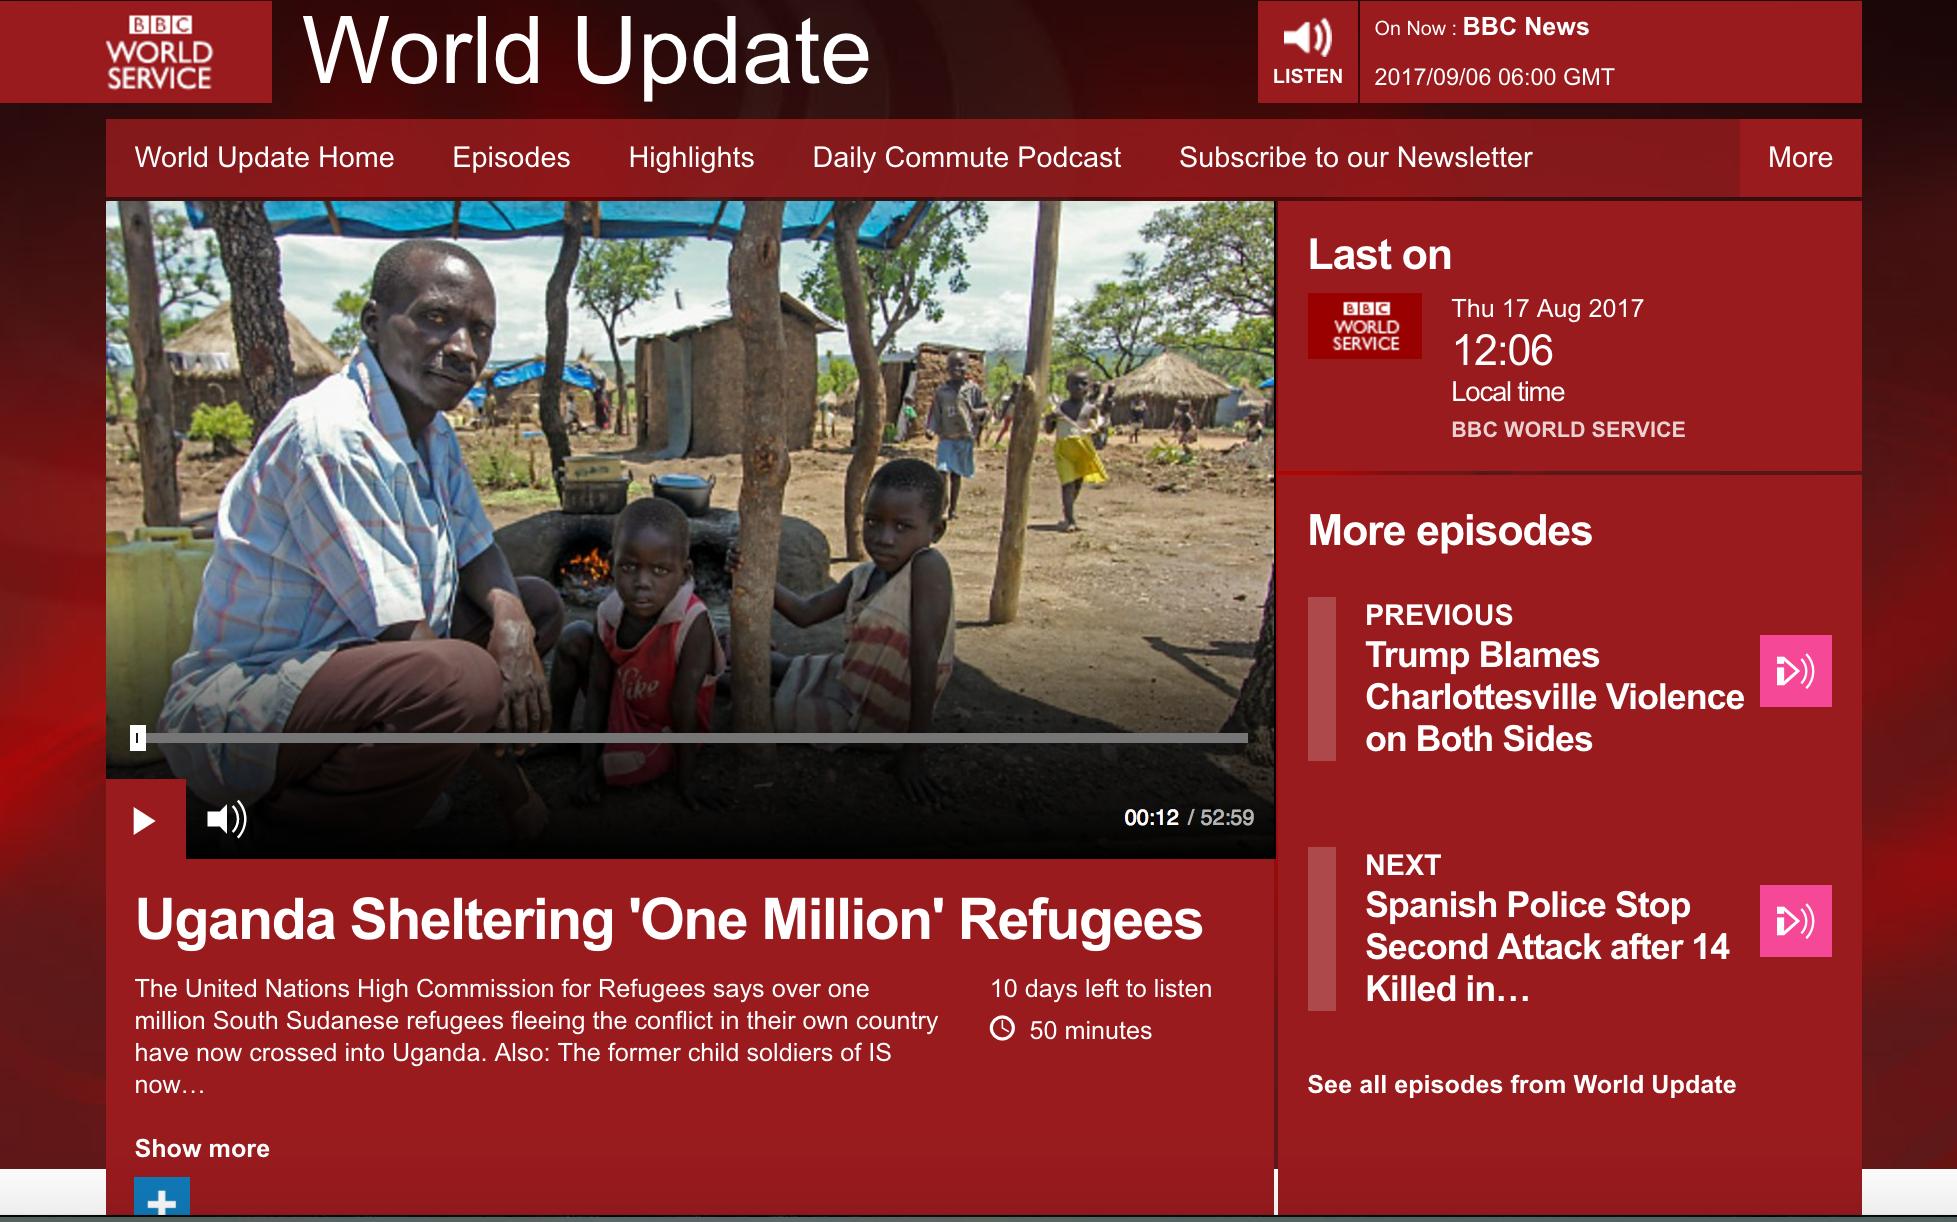 Uganda sheltering one million refugees // BBC World Service August 2017